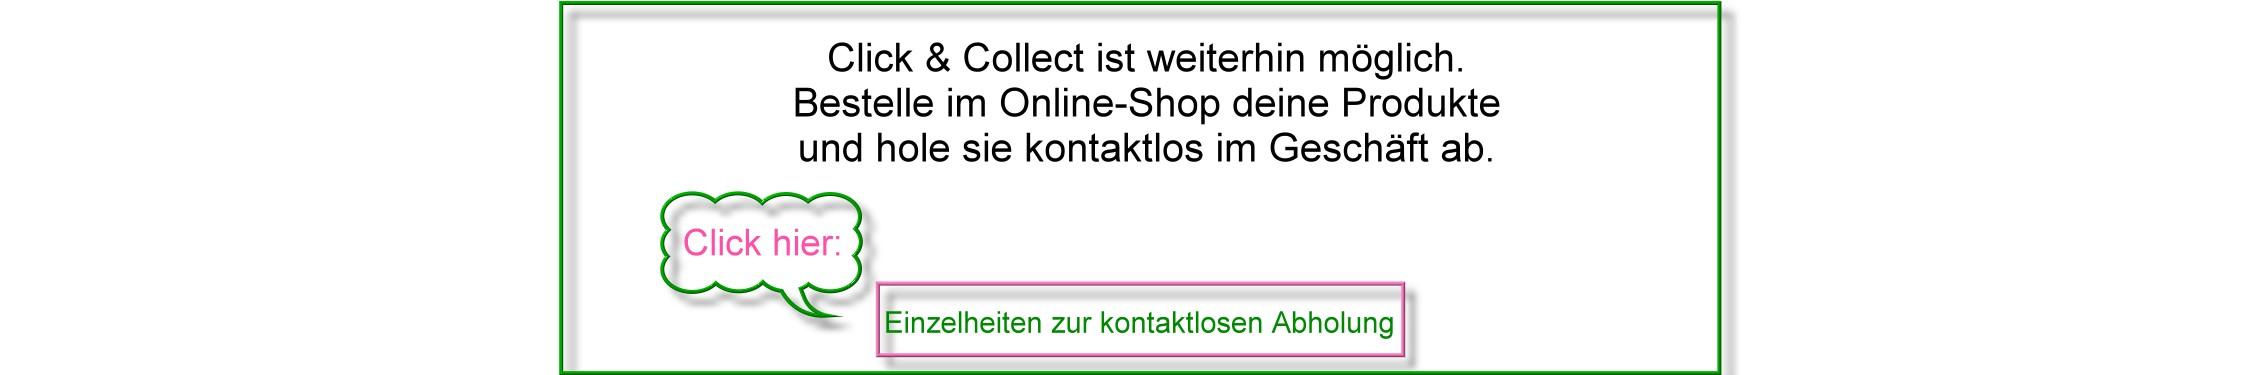 kontaktlose Abholung in Gelsenkirchen (von Mo - Sa möglich)